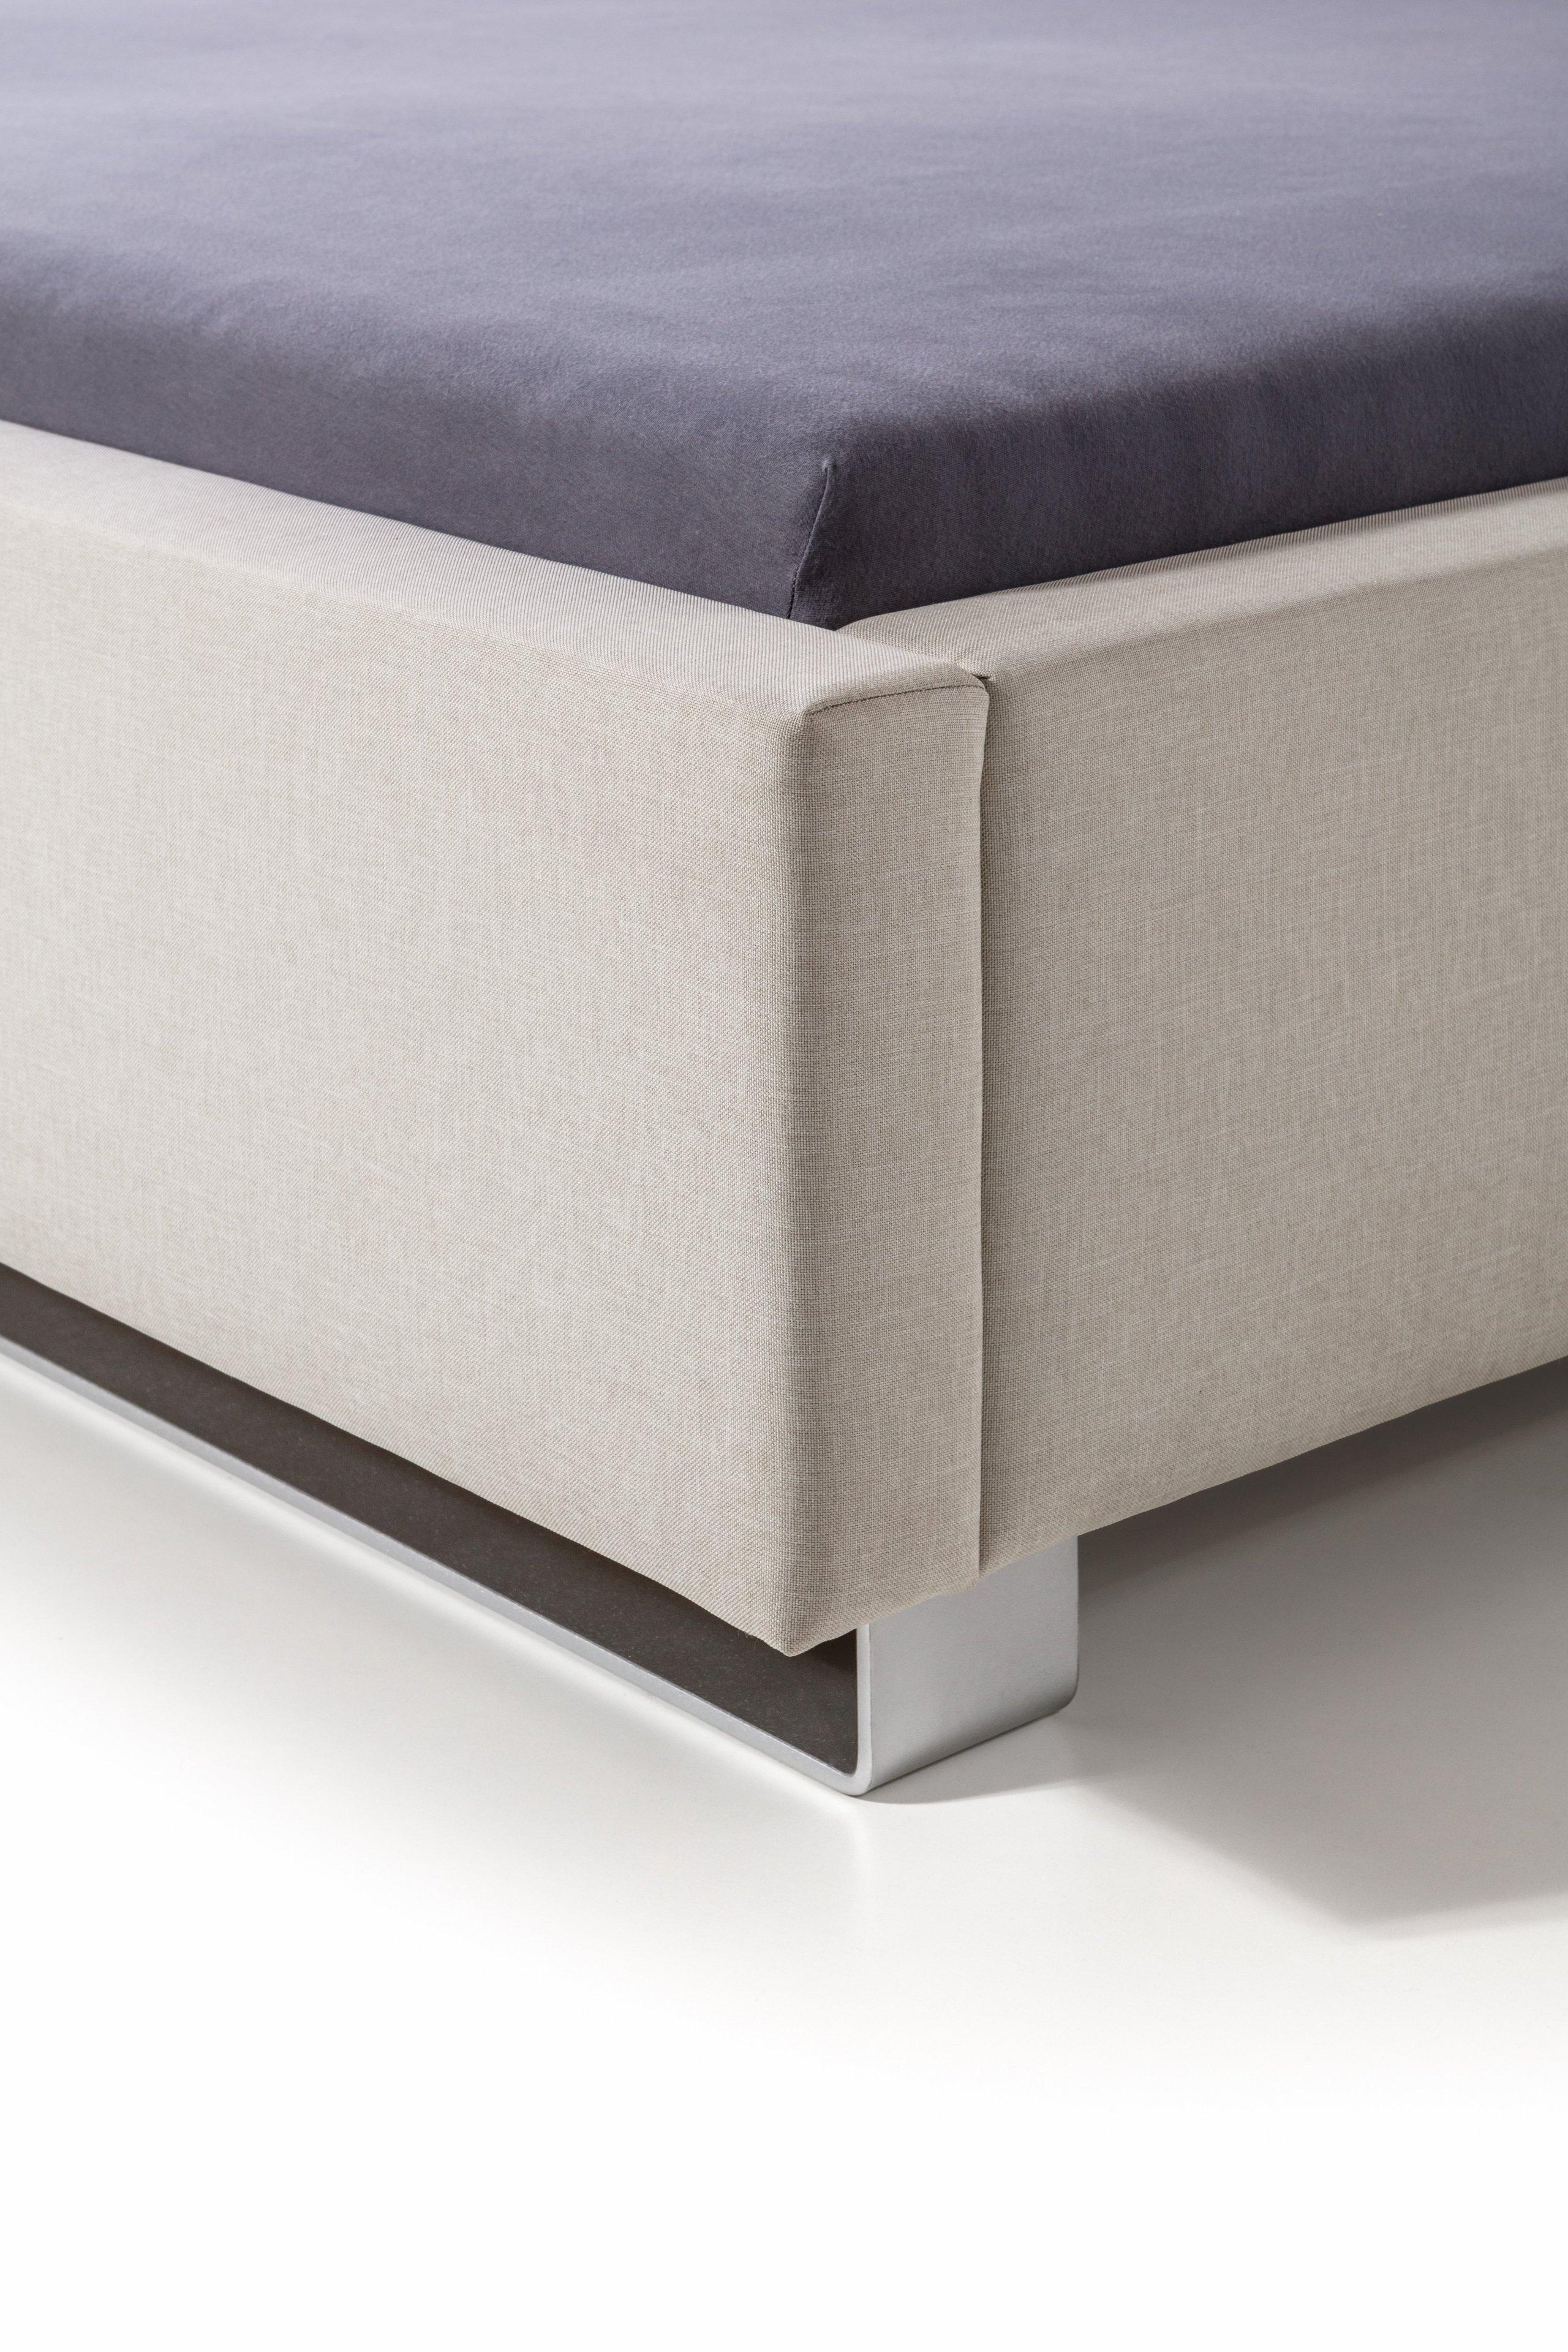 Čalouněná postel se zadním čelem sestaveným z očalouněných kostek.  - stabilní pevná konstrukce - pohodlná výška pro vstávání 45 cm - nastavení úrovně…